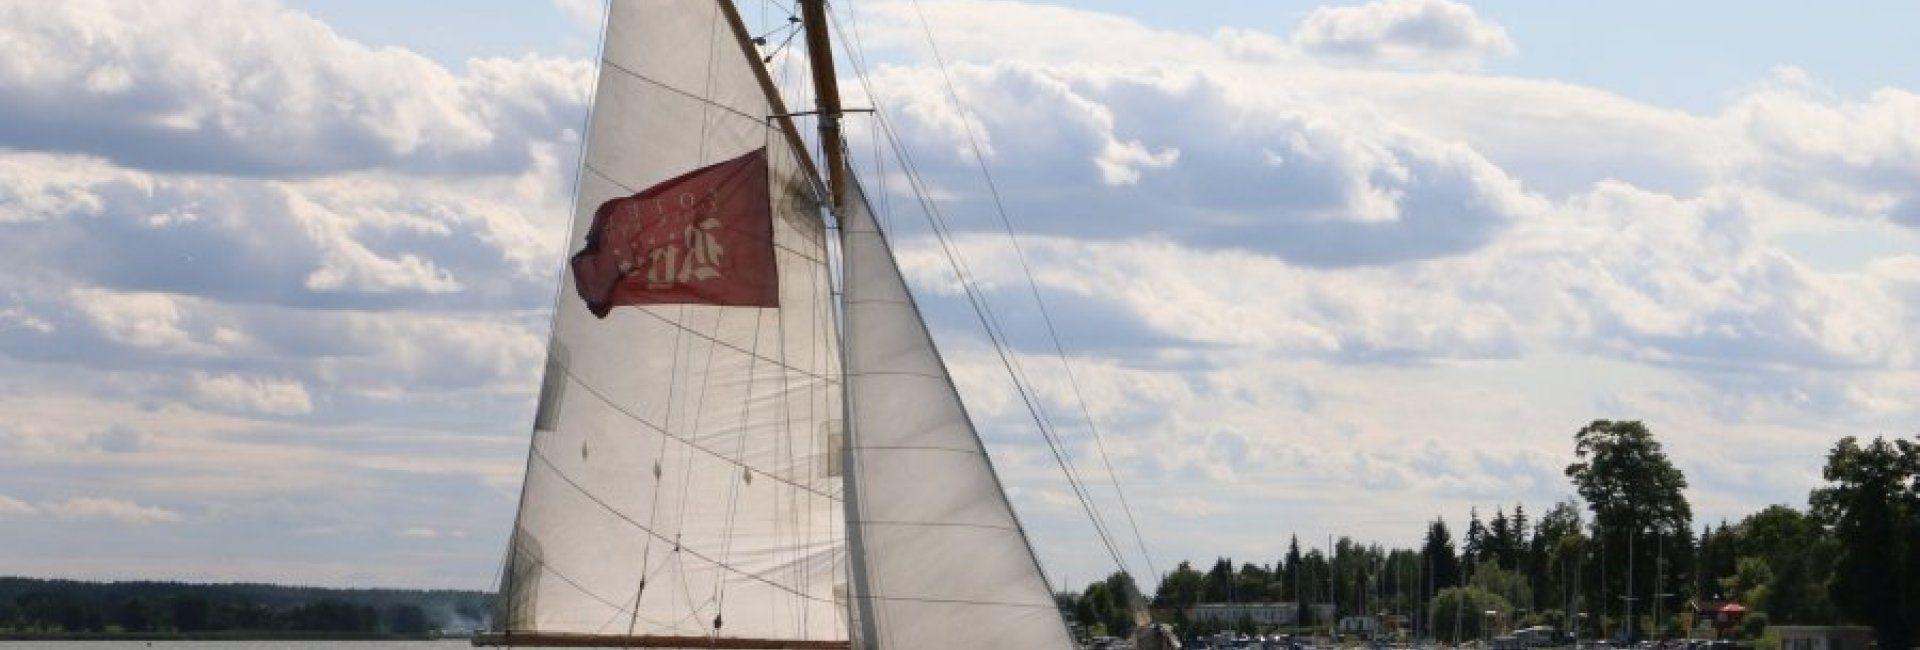 Jacht flagowy Hotelu Zamek Ryn